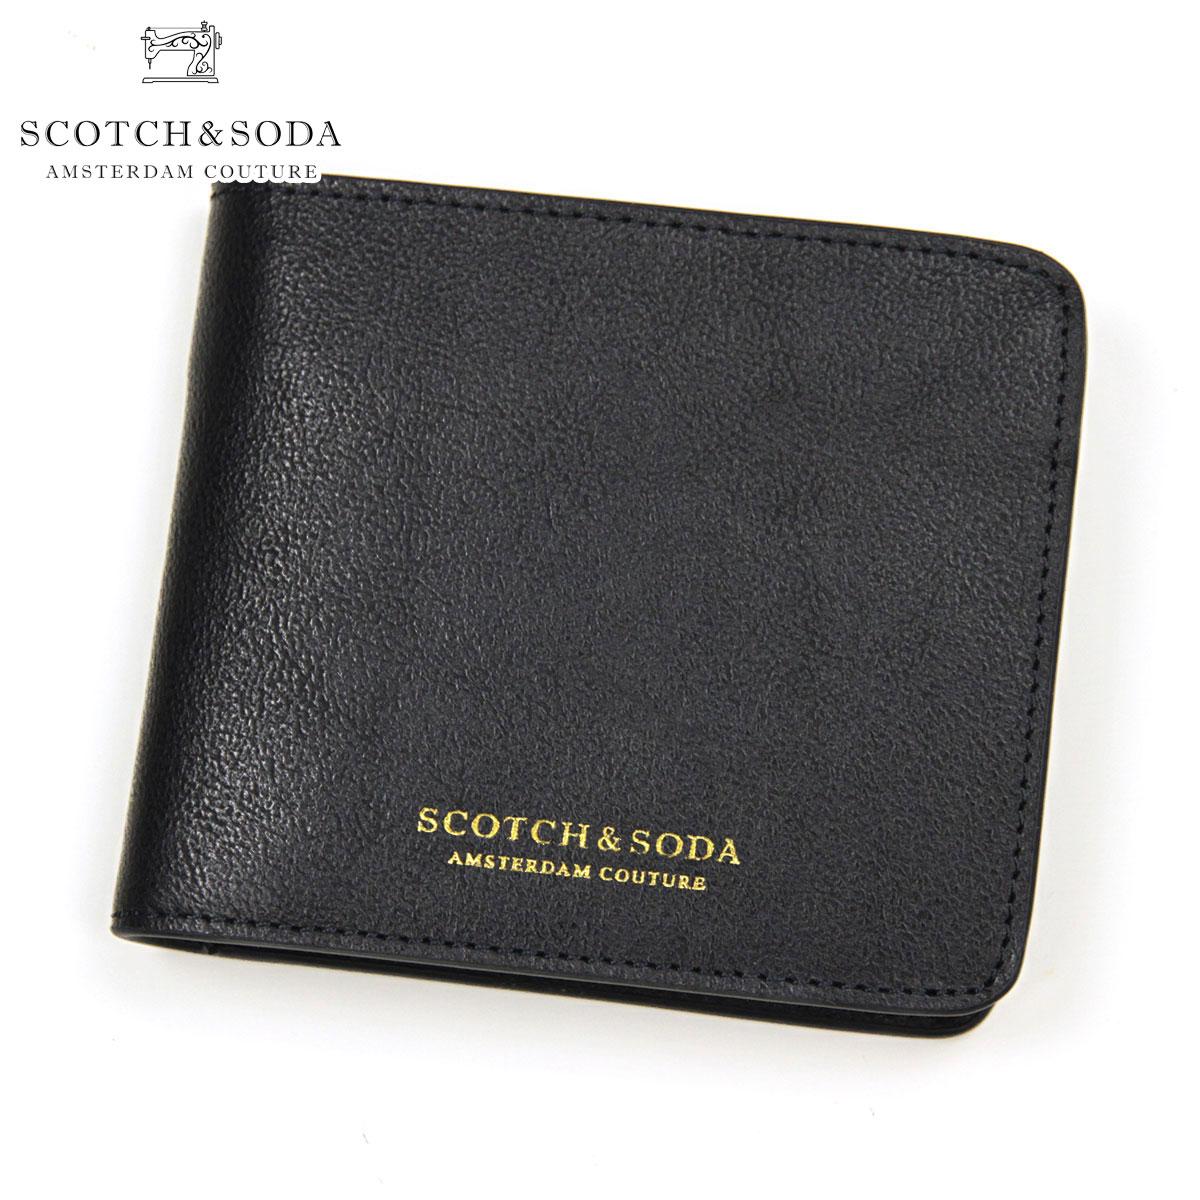 スコッチアンドソーダ 財布 正規販売店 SCOTCH&SODA 二つ折り財布 CLASSIC LEATHER BILLFOLD WALLET NIGHT 152934 88504 78 父の日